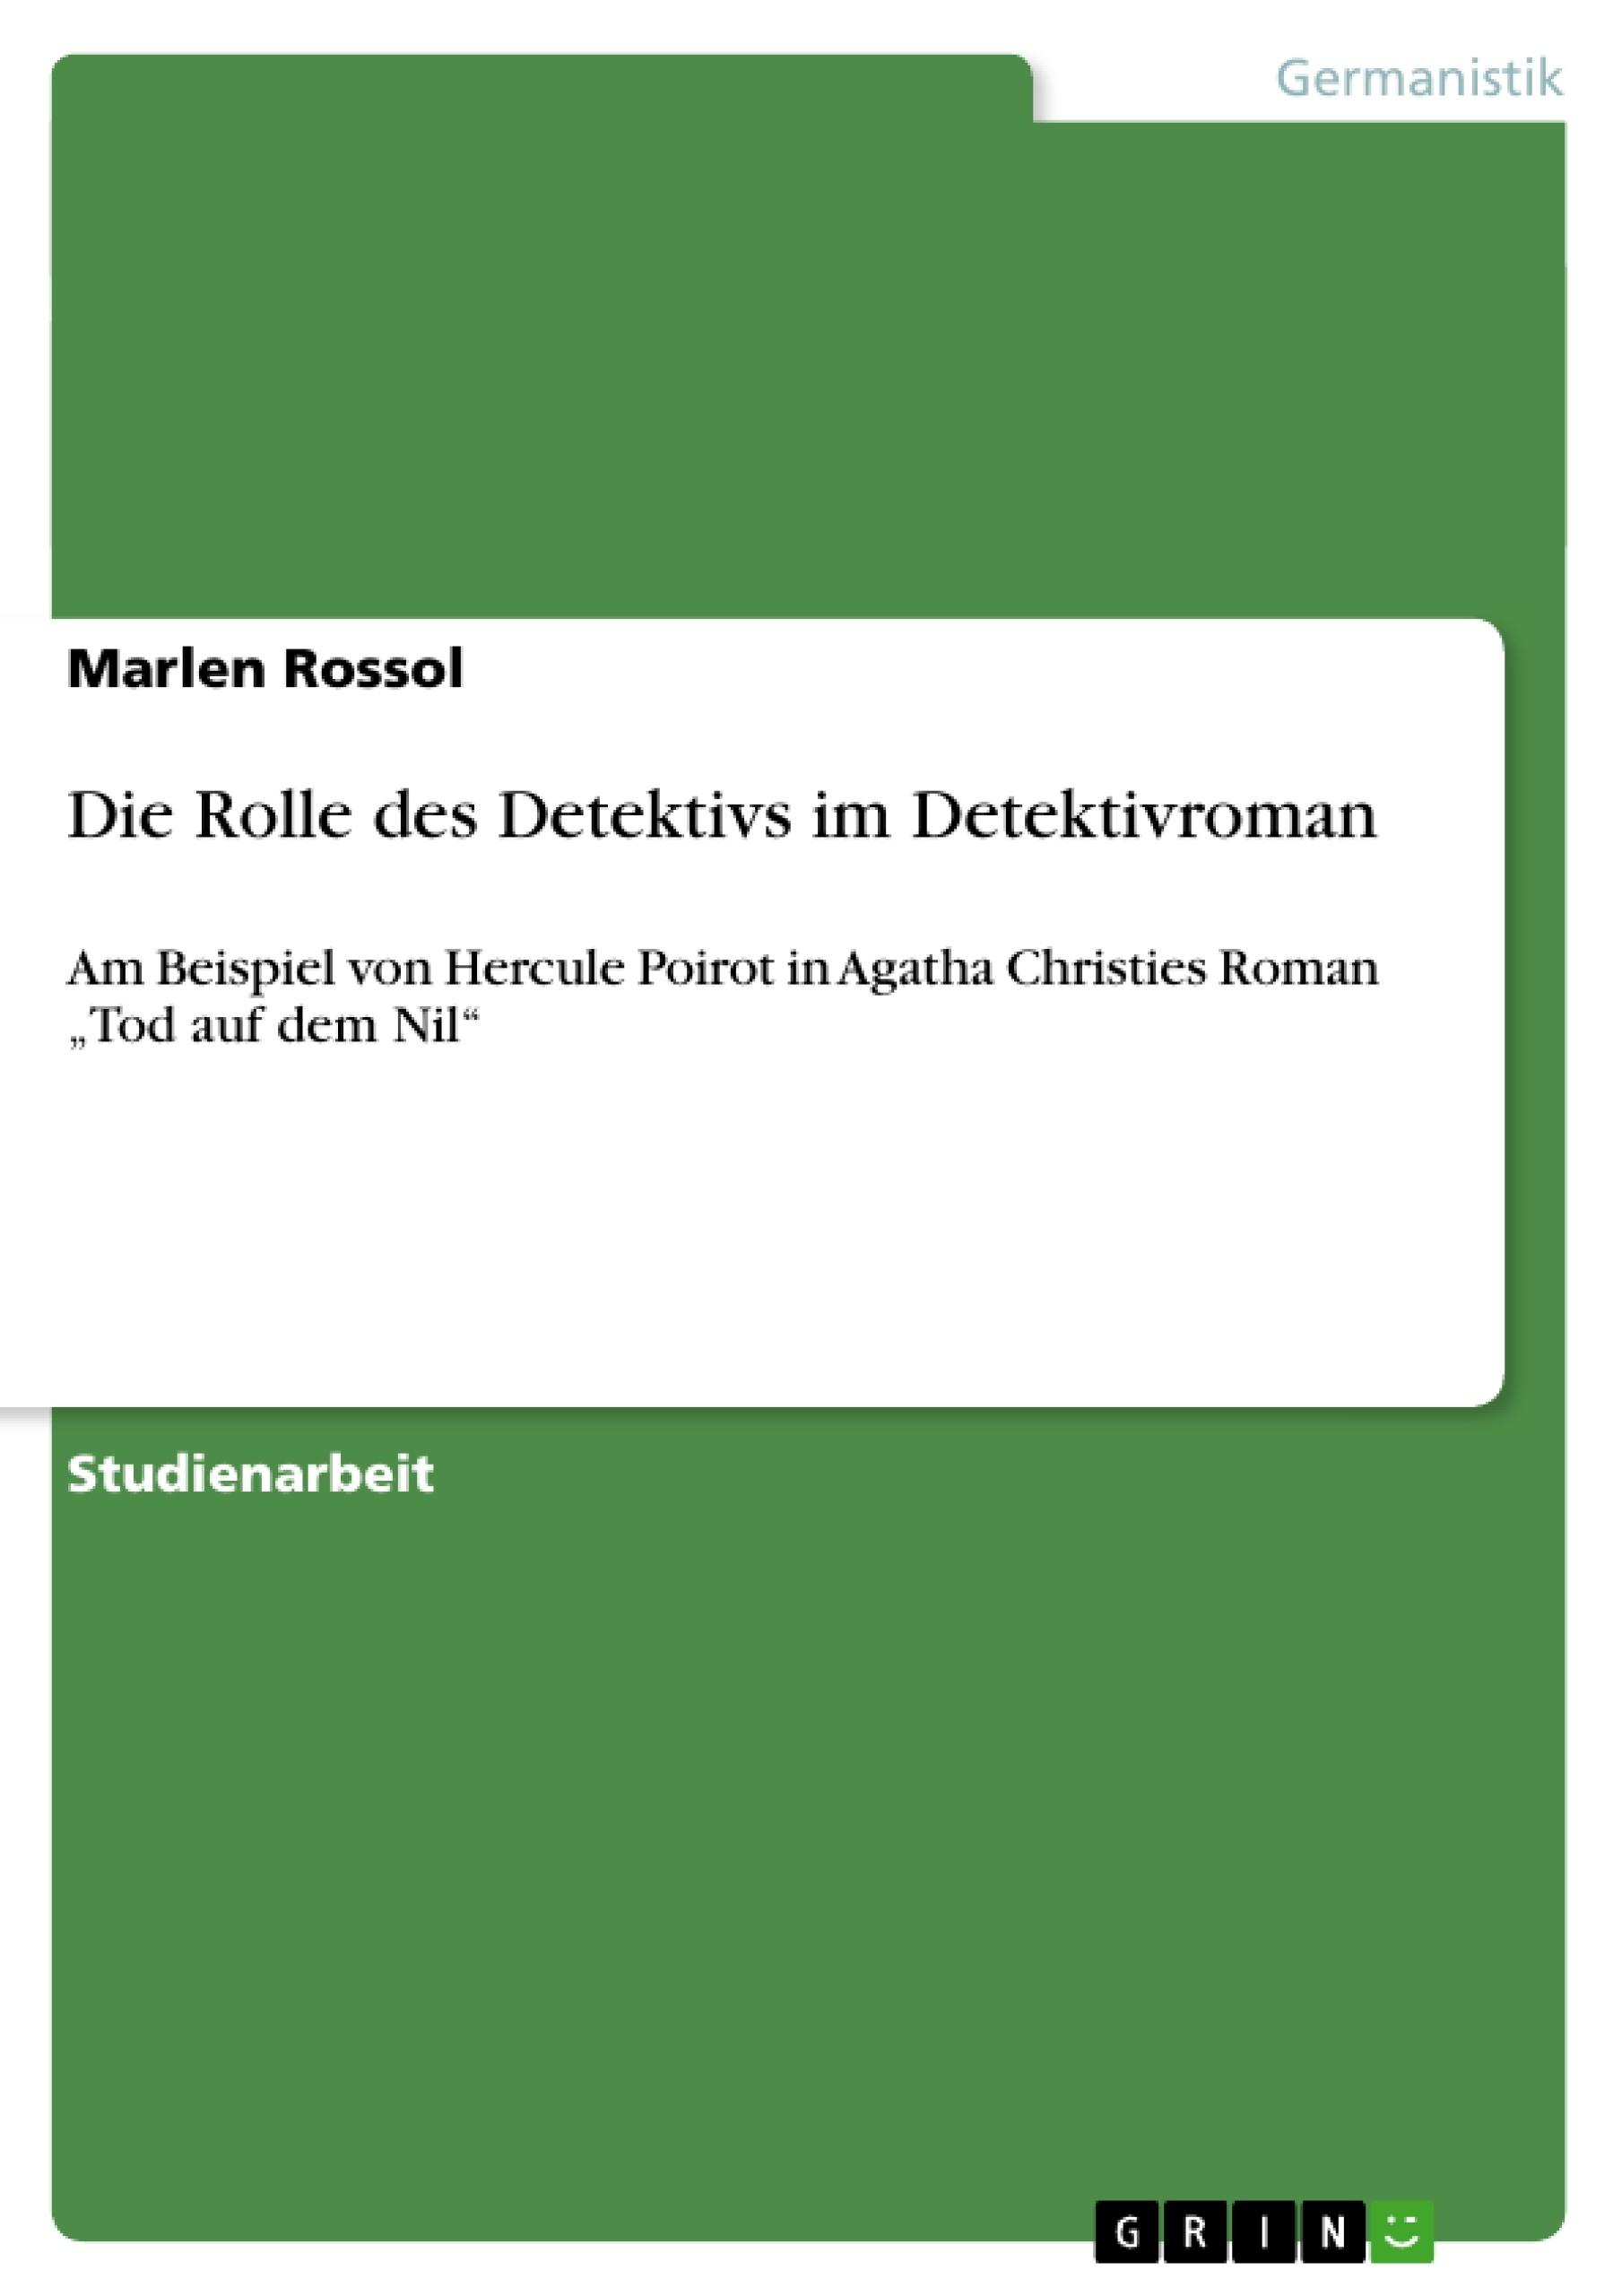 Titel: Die Rolle des Detektivs im Detektivroman